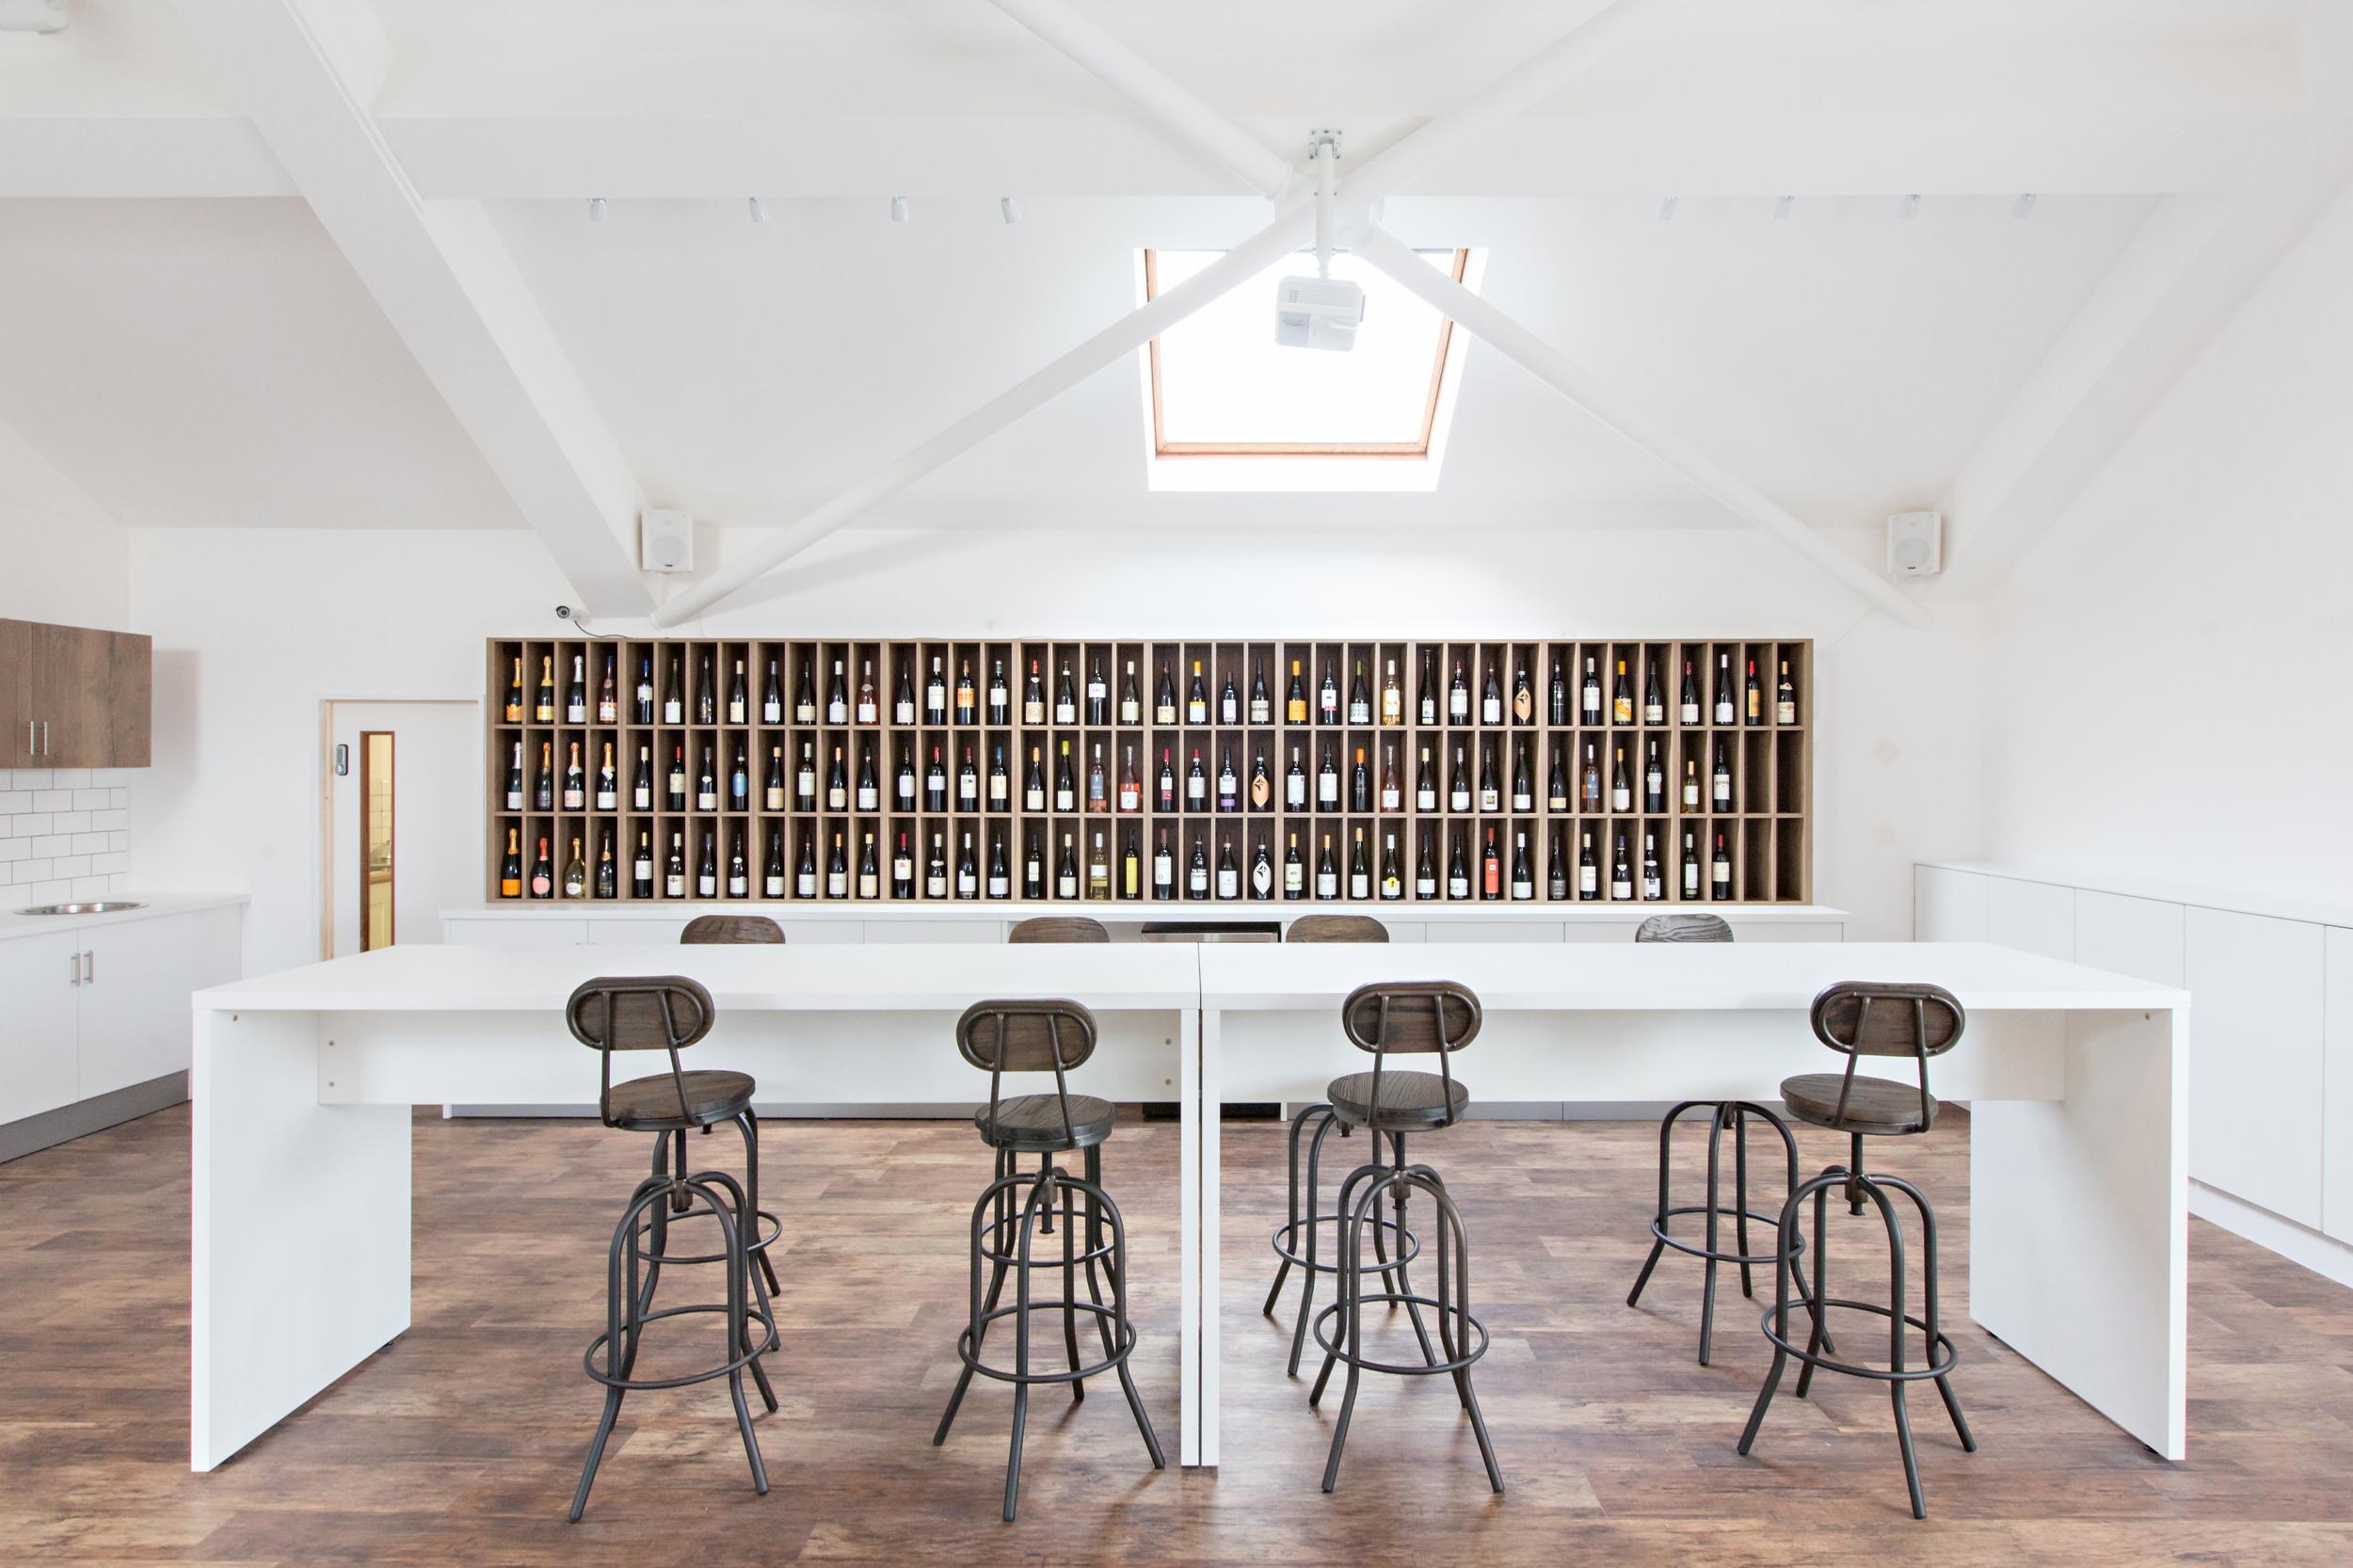 tasting room wine display 01.jpg.png